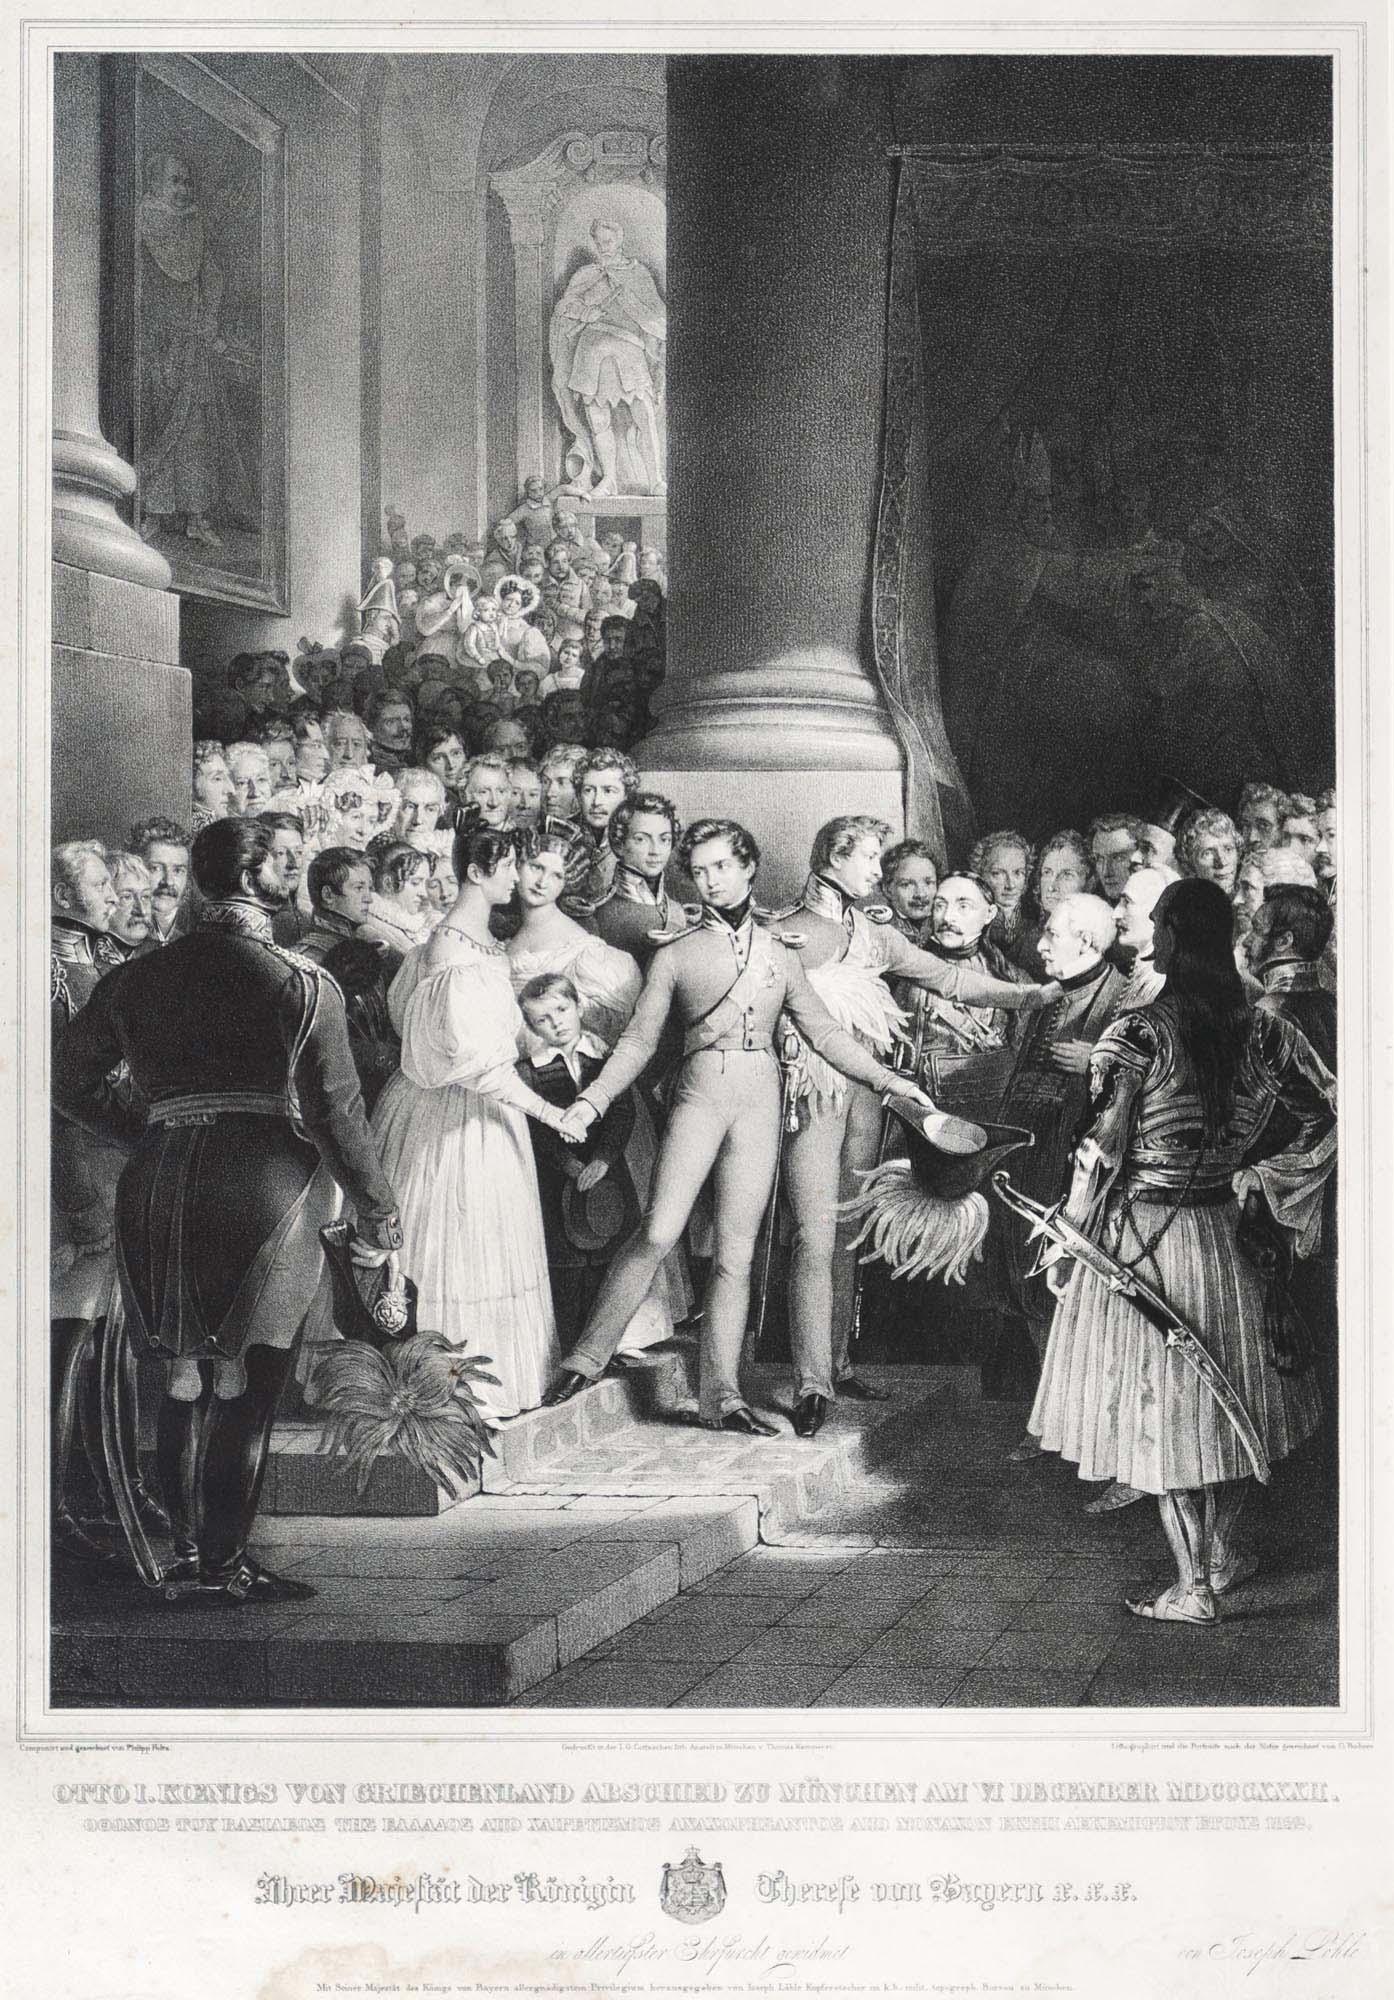 Pilipp Foltz (1805-1877) και Gottlieb Bodmer (1804-1837)